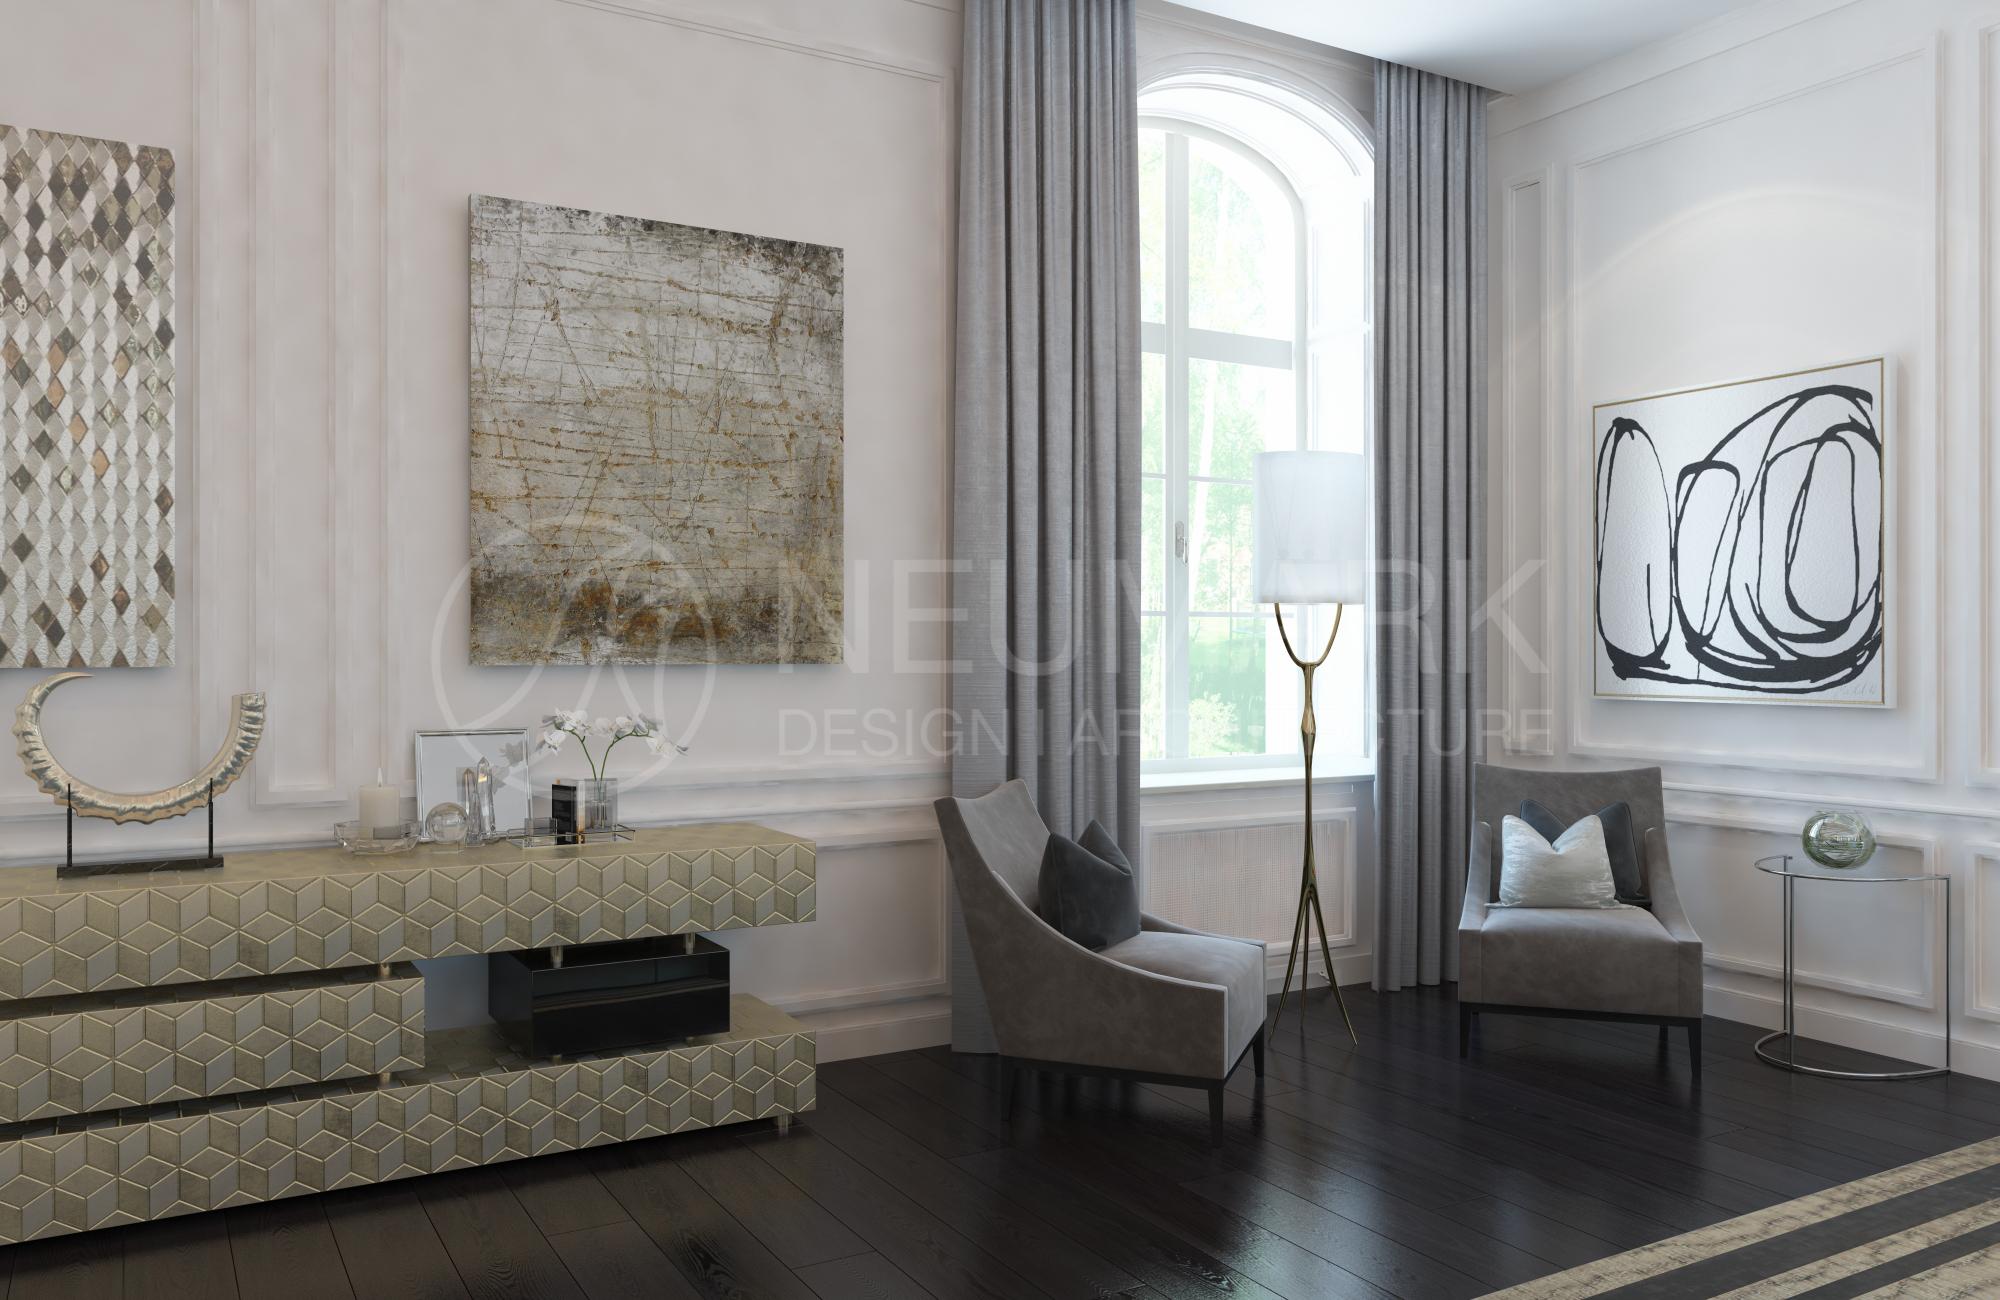 NEUMARK Design: Дом на Рублево-Успенском Шоссе NEUMARK NEUMARK Design: Дом на Рублево-Успенском Шоссе 1 Dovil